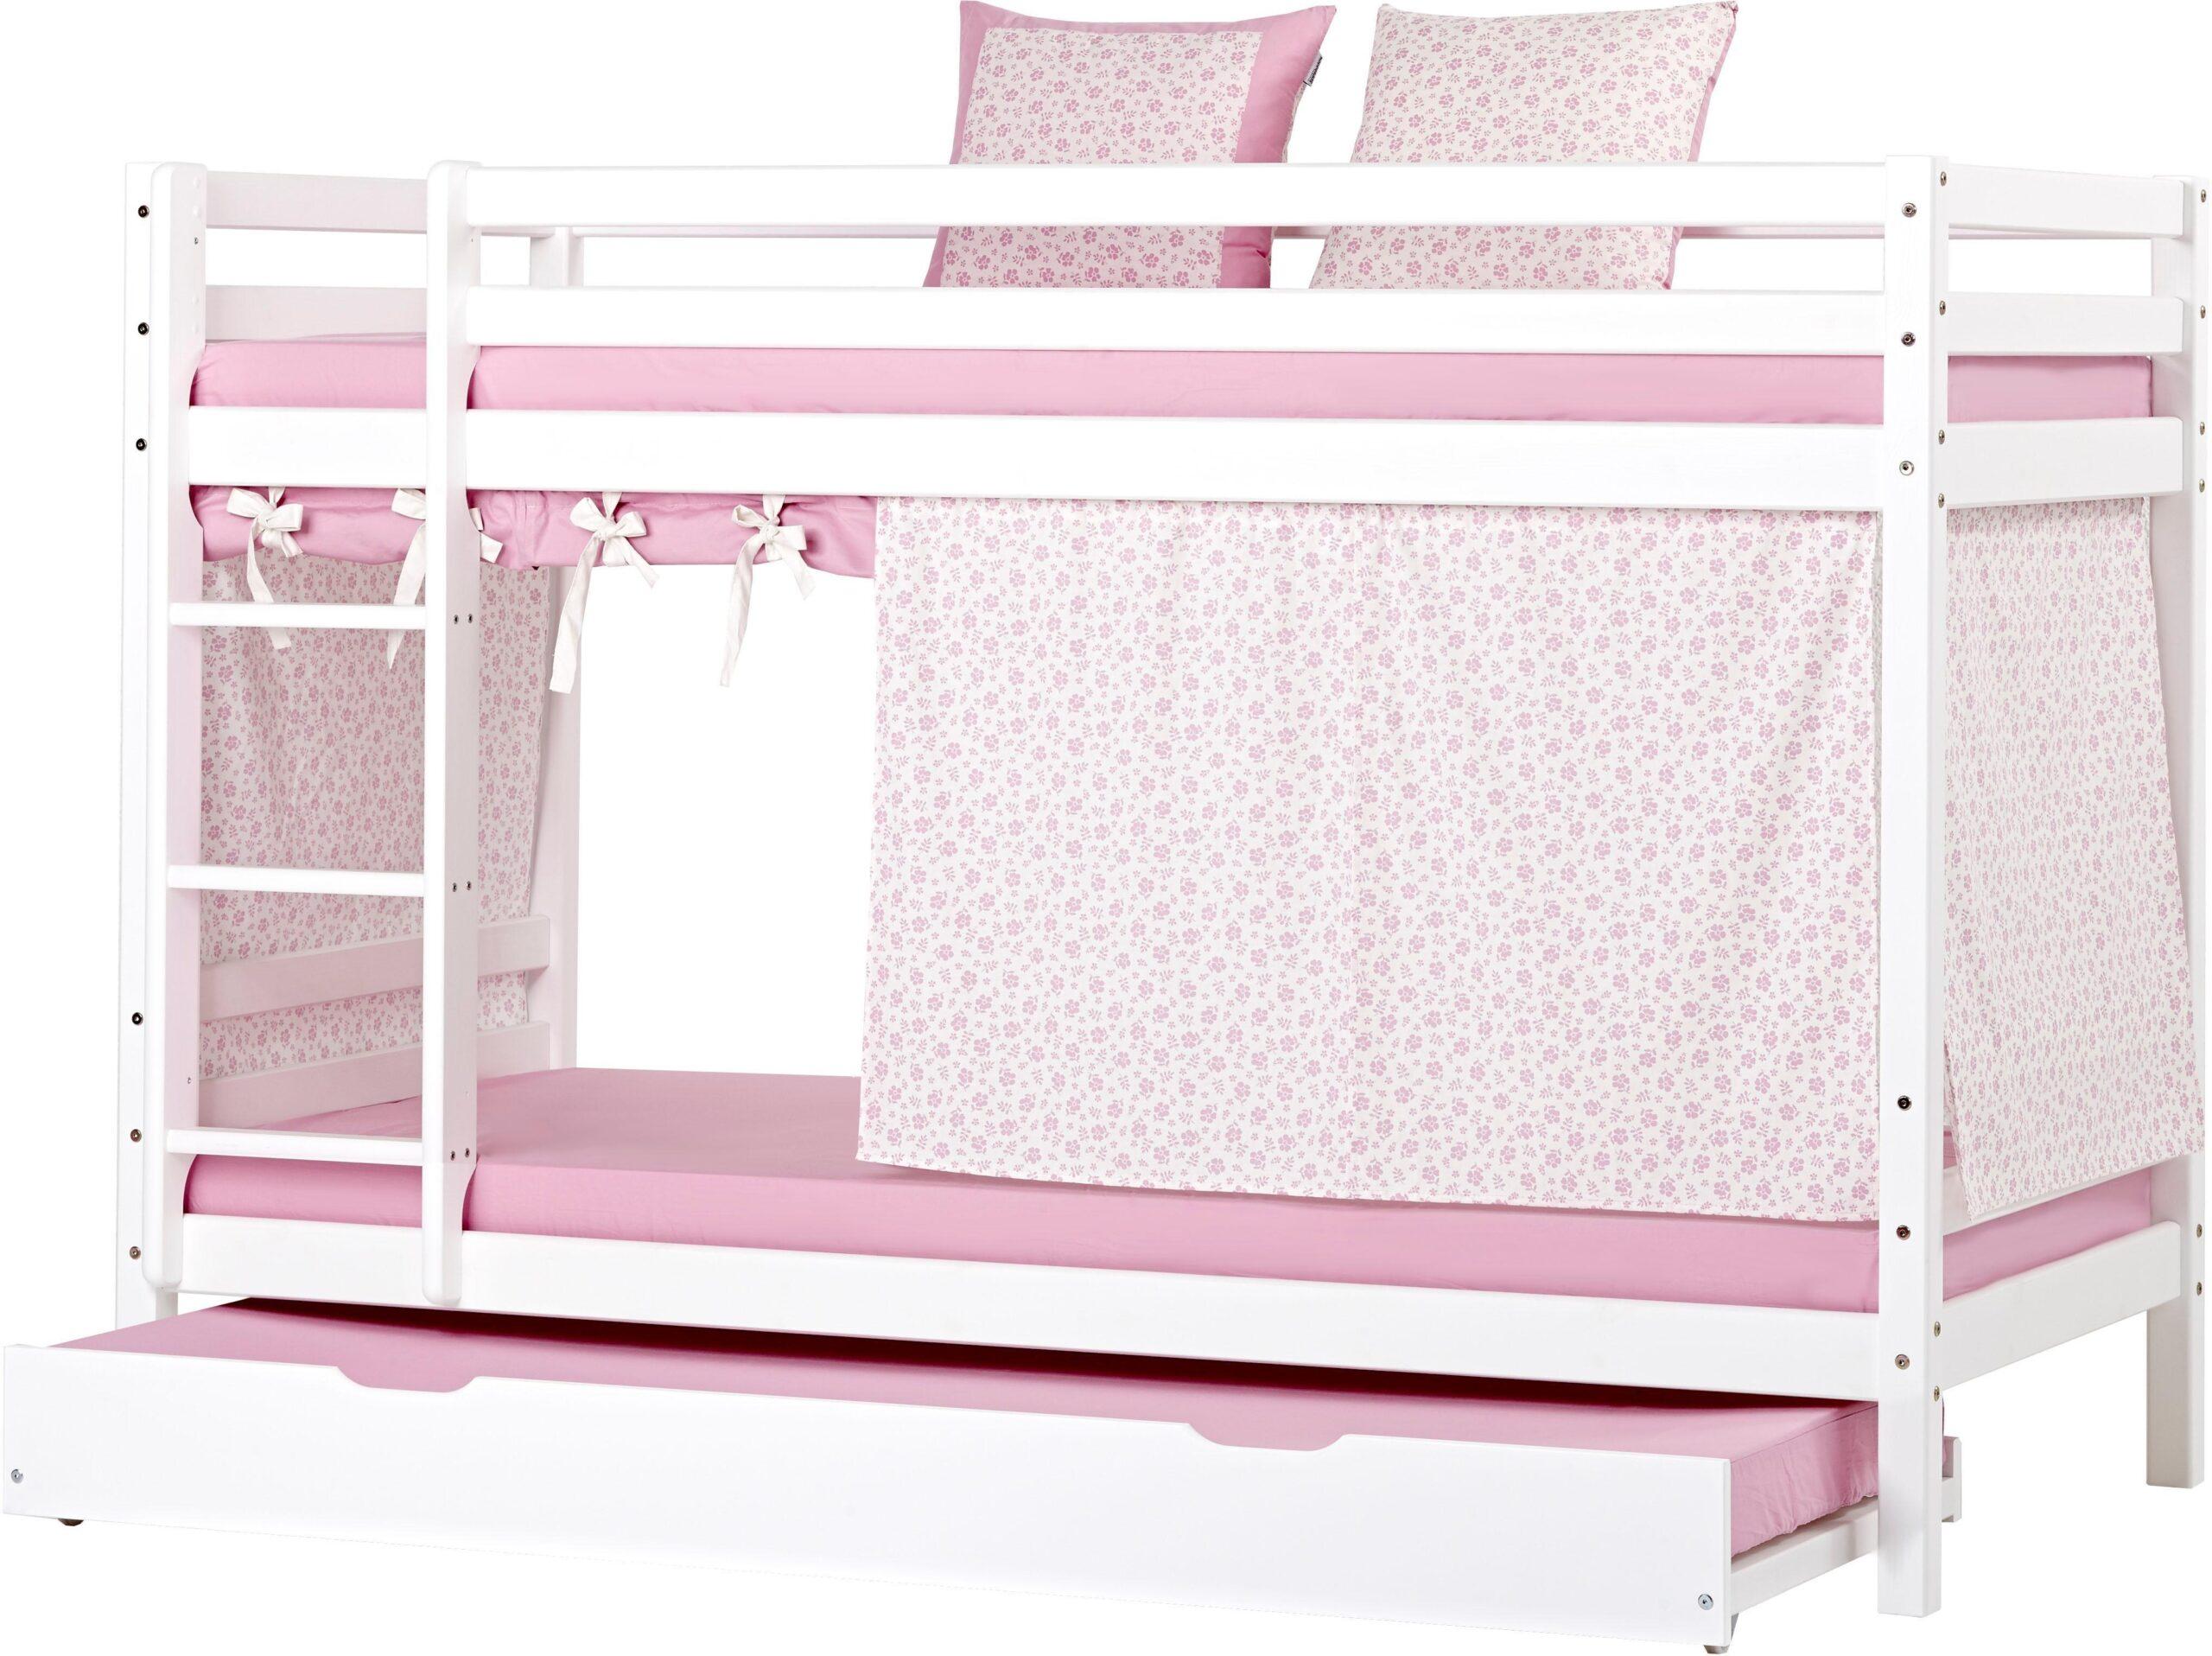 Full Size of Stapelbetten Dänisches Bettenlager Etagenbett Ausziehbett Antonio Lattenrost 3 Matratzen Badezimmer Wohnzimmer Stapelbetten Dänisches Bettenlager